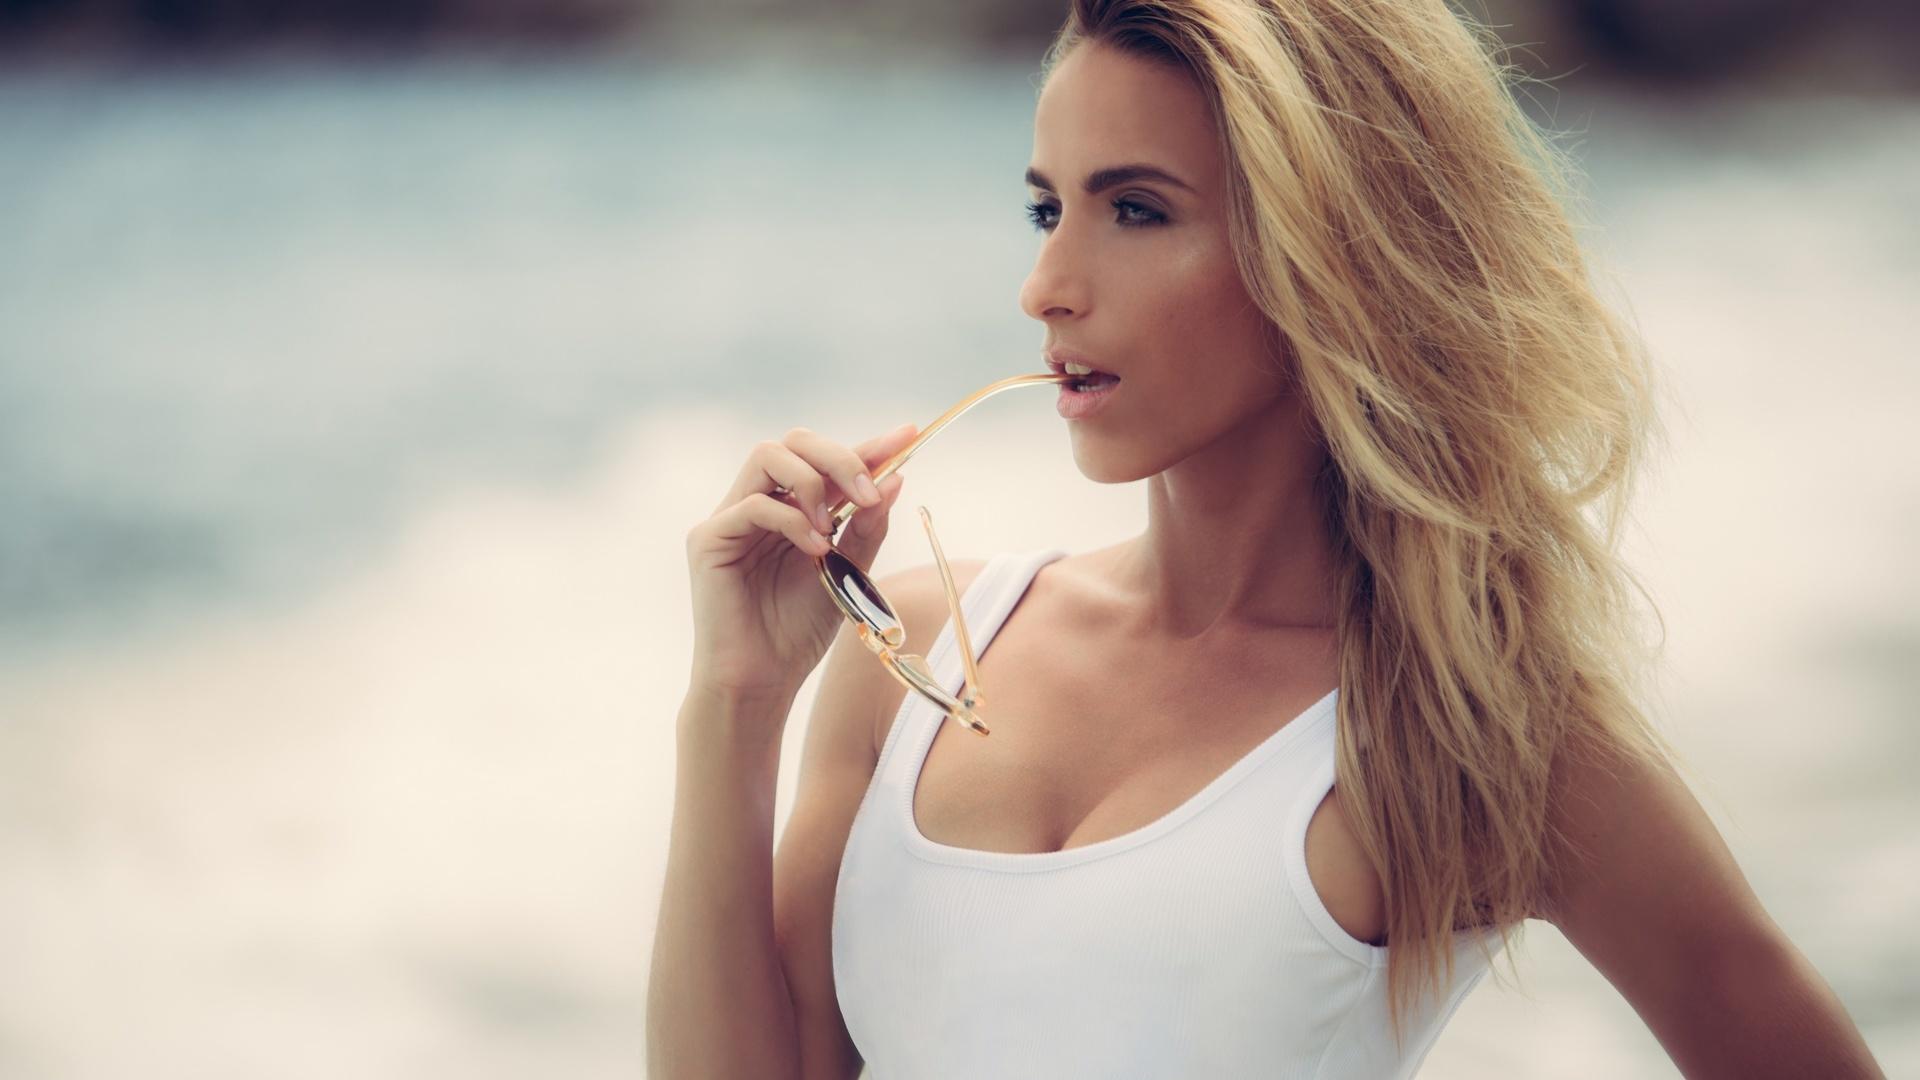 cara mell, девушка, блондинка